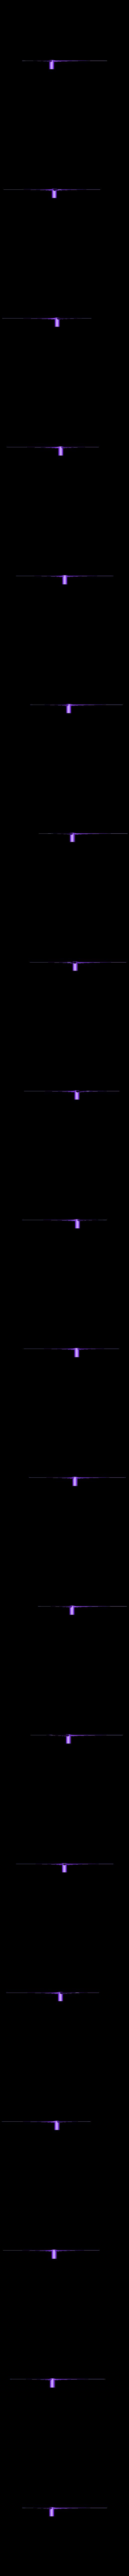 main propeller.obj Télécharger fichier 3DS eurocopter • Plan pour impression 3D, saeedyouhannae